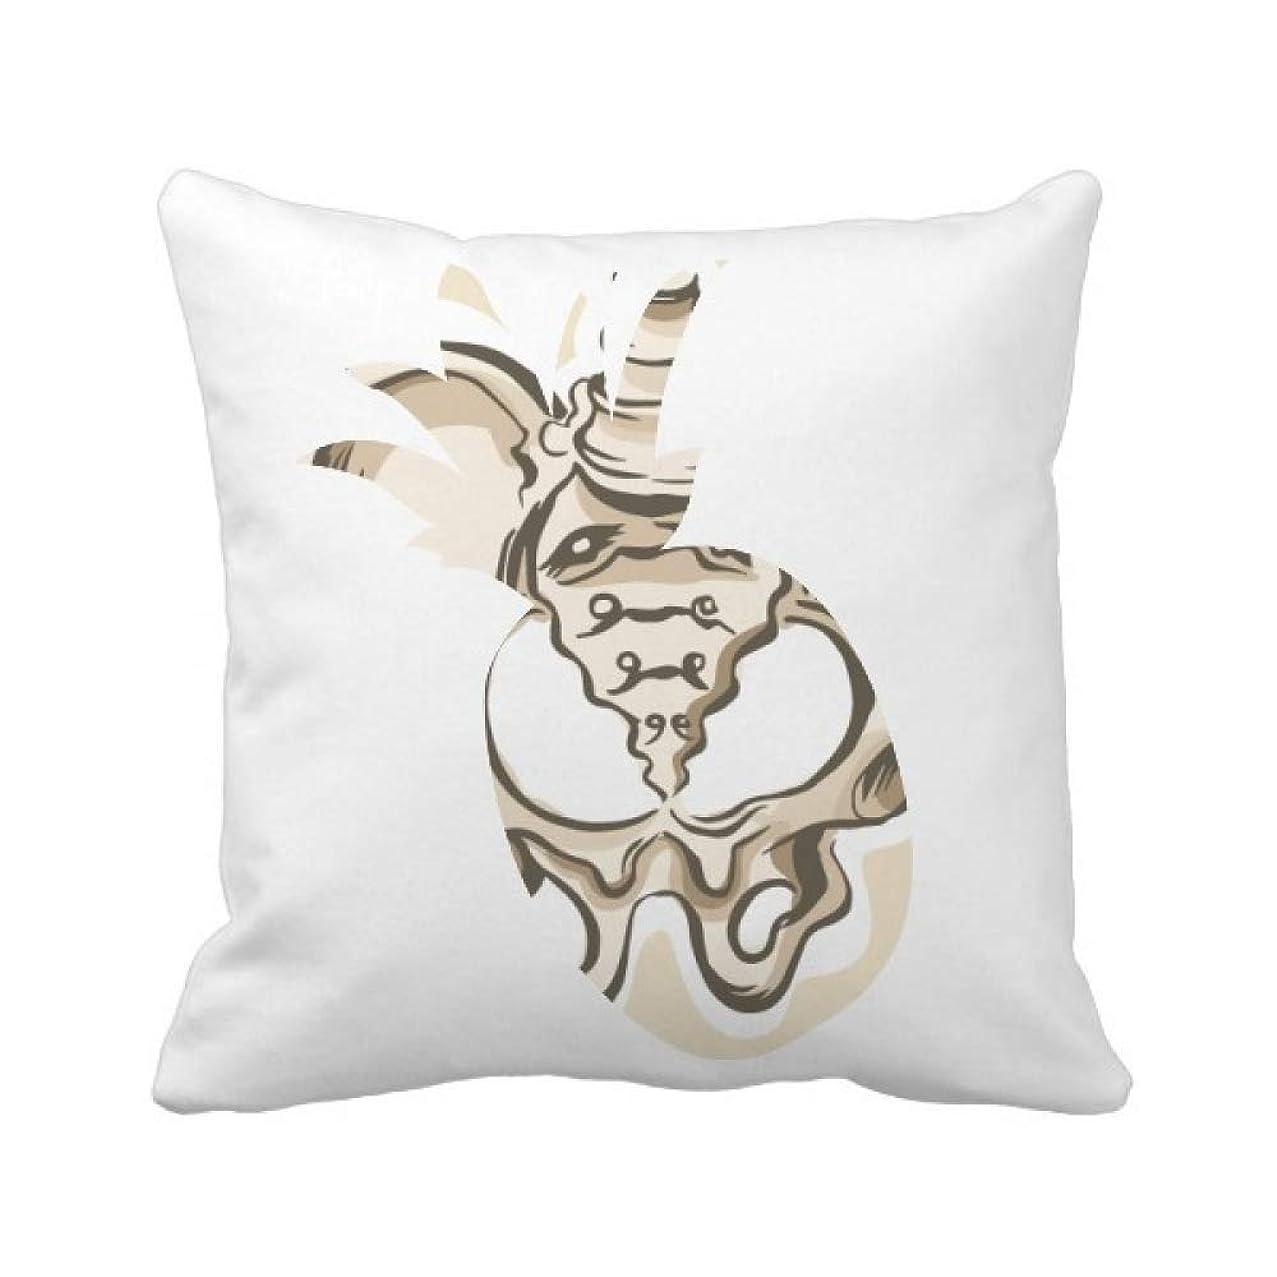 知り合い敬礼愛されし者単純な人間の骨格のスケッチ パイナップル枕カバー正方形を投げる 50cm x 50cm